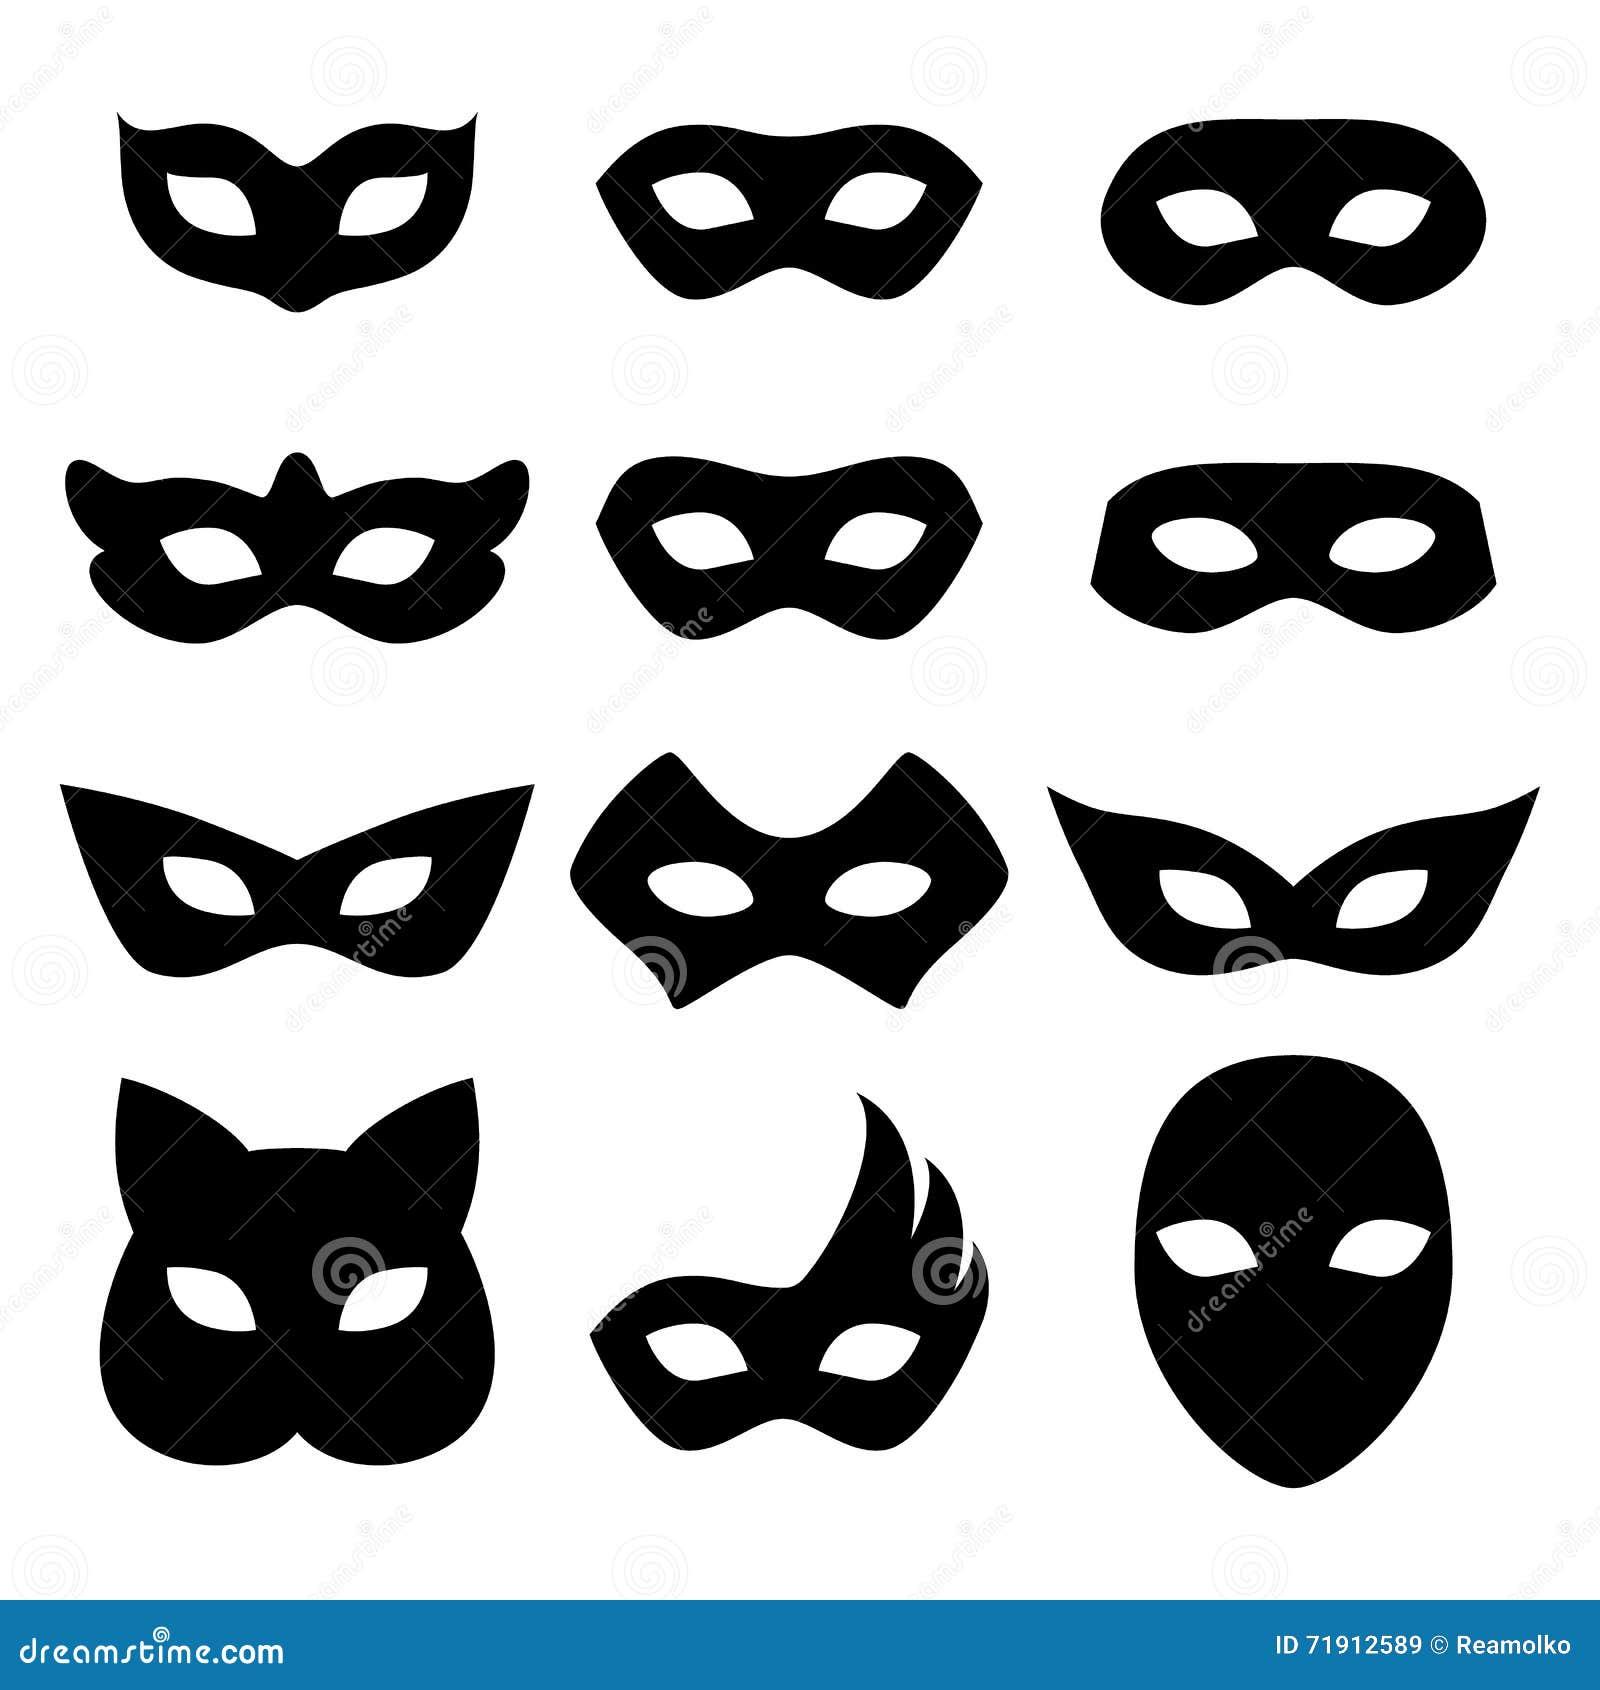 blank carnival mask icon template illustration vector illustration 53272226. Black Bedroom Furniture Sets. Home Design Ideas